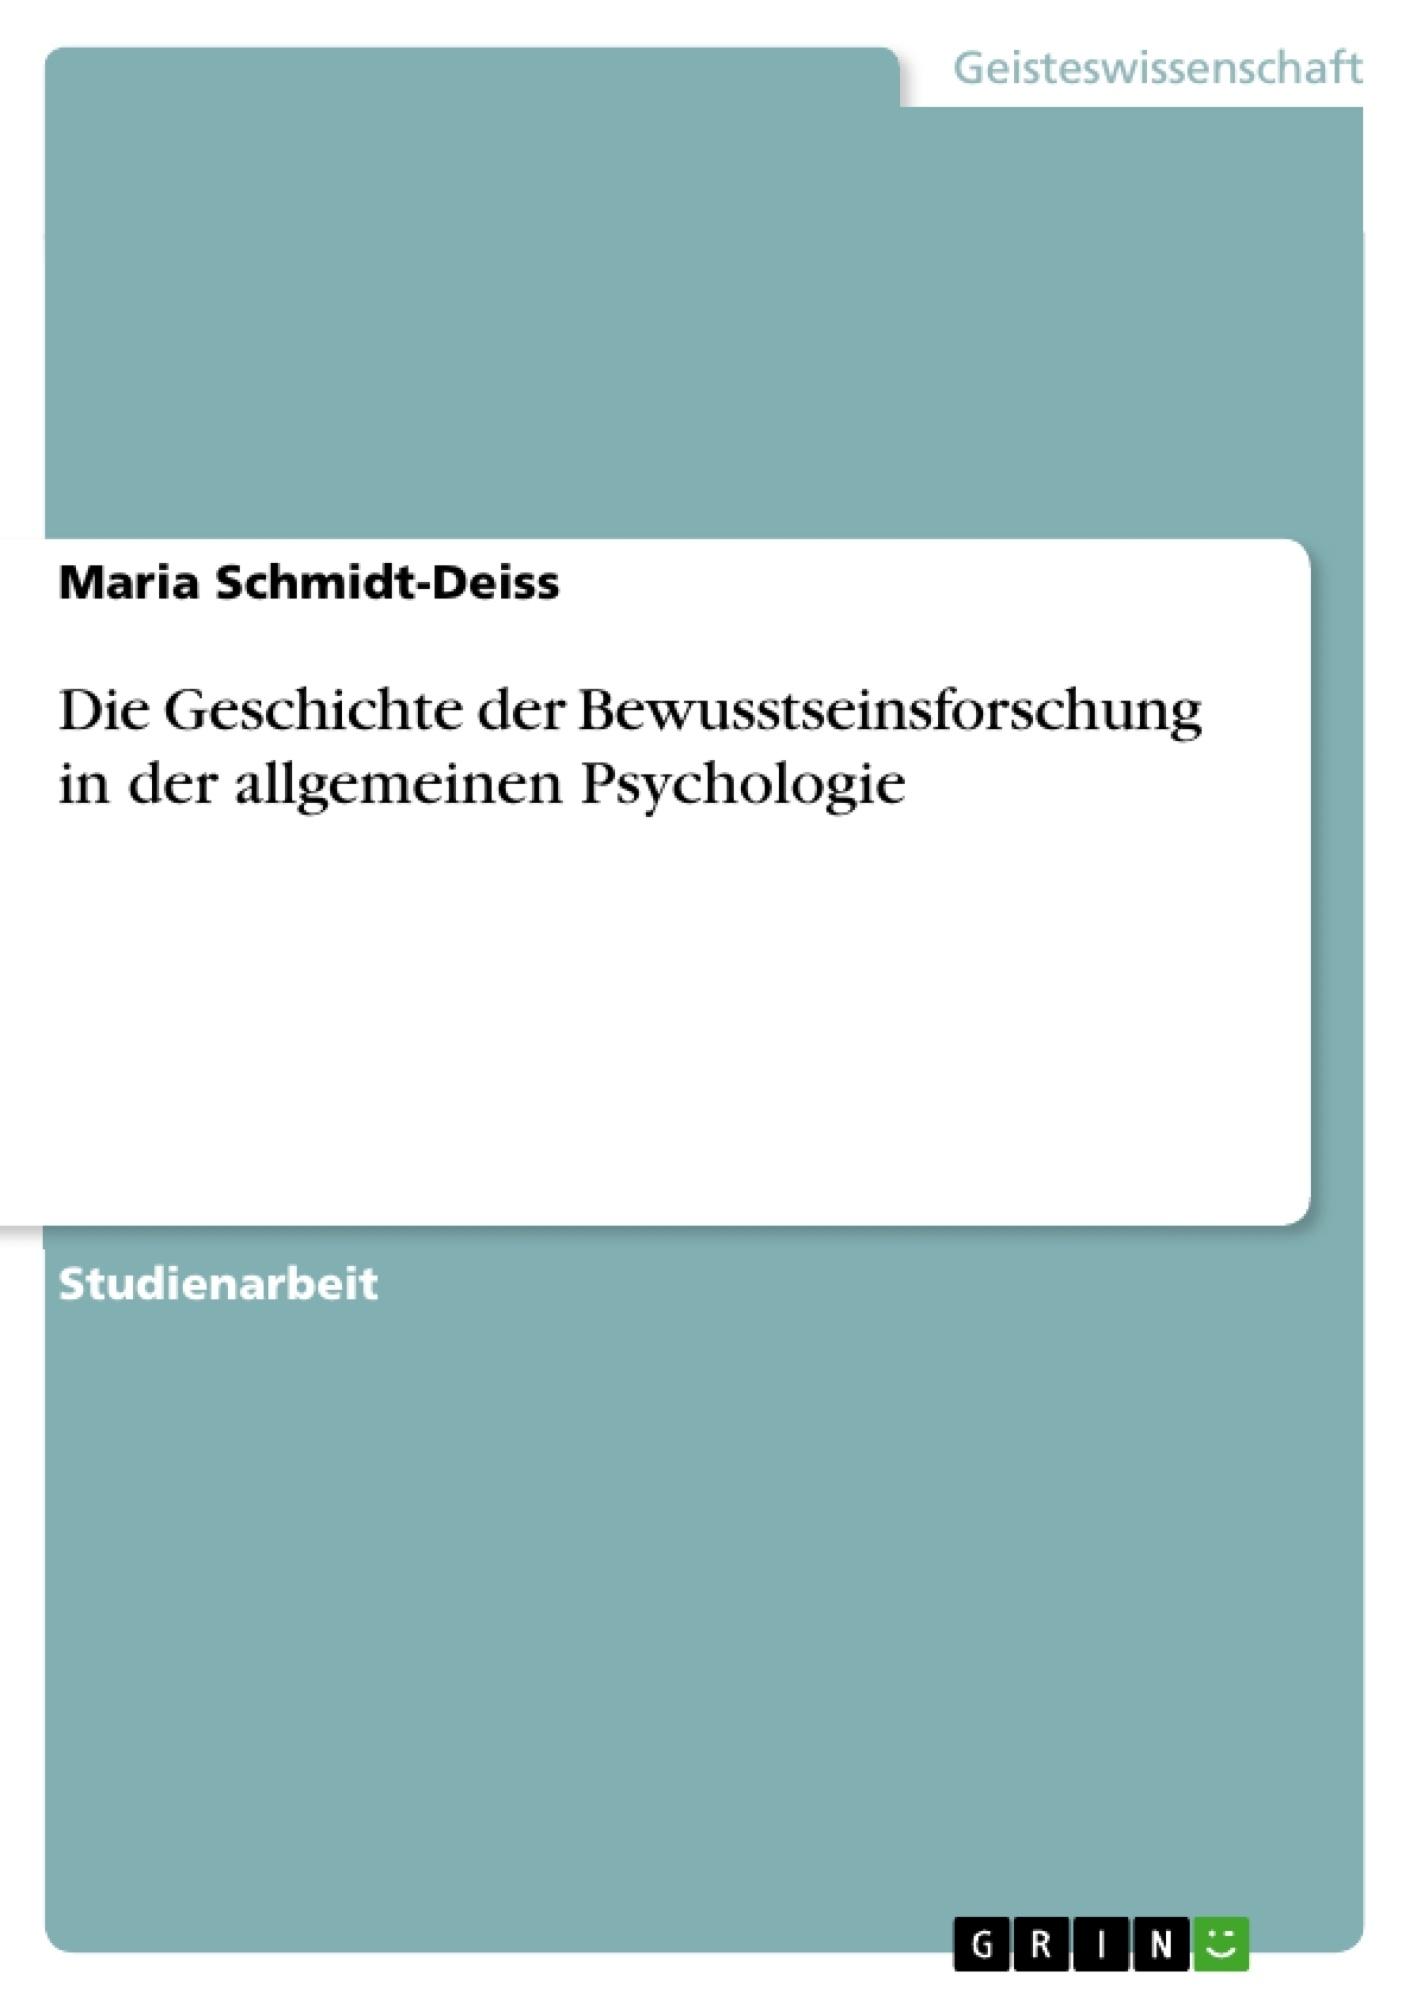 Titel: Die Geschichte der Bewusstseinsforschung in der allgemeinen Psychologie